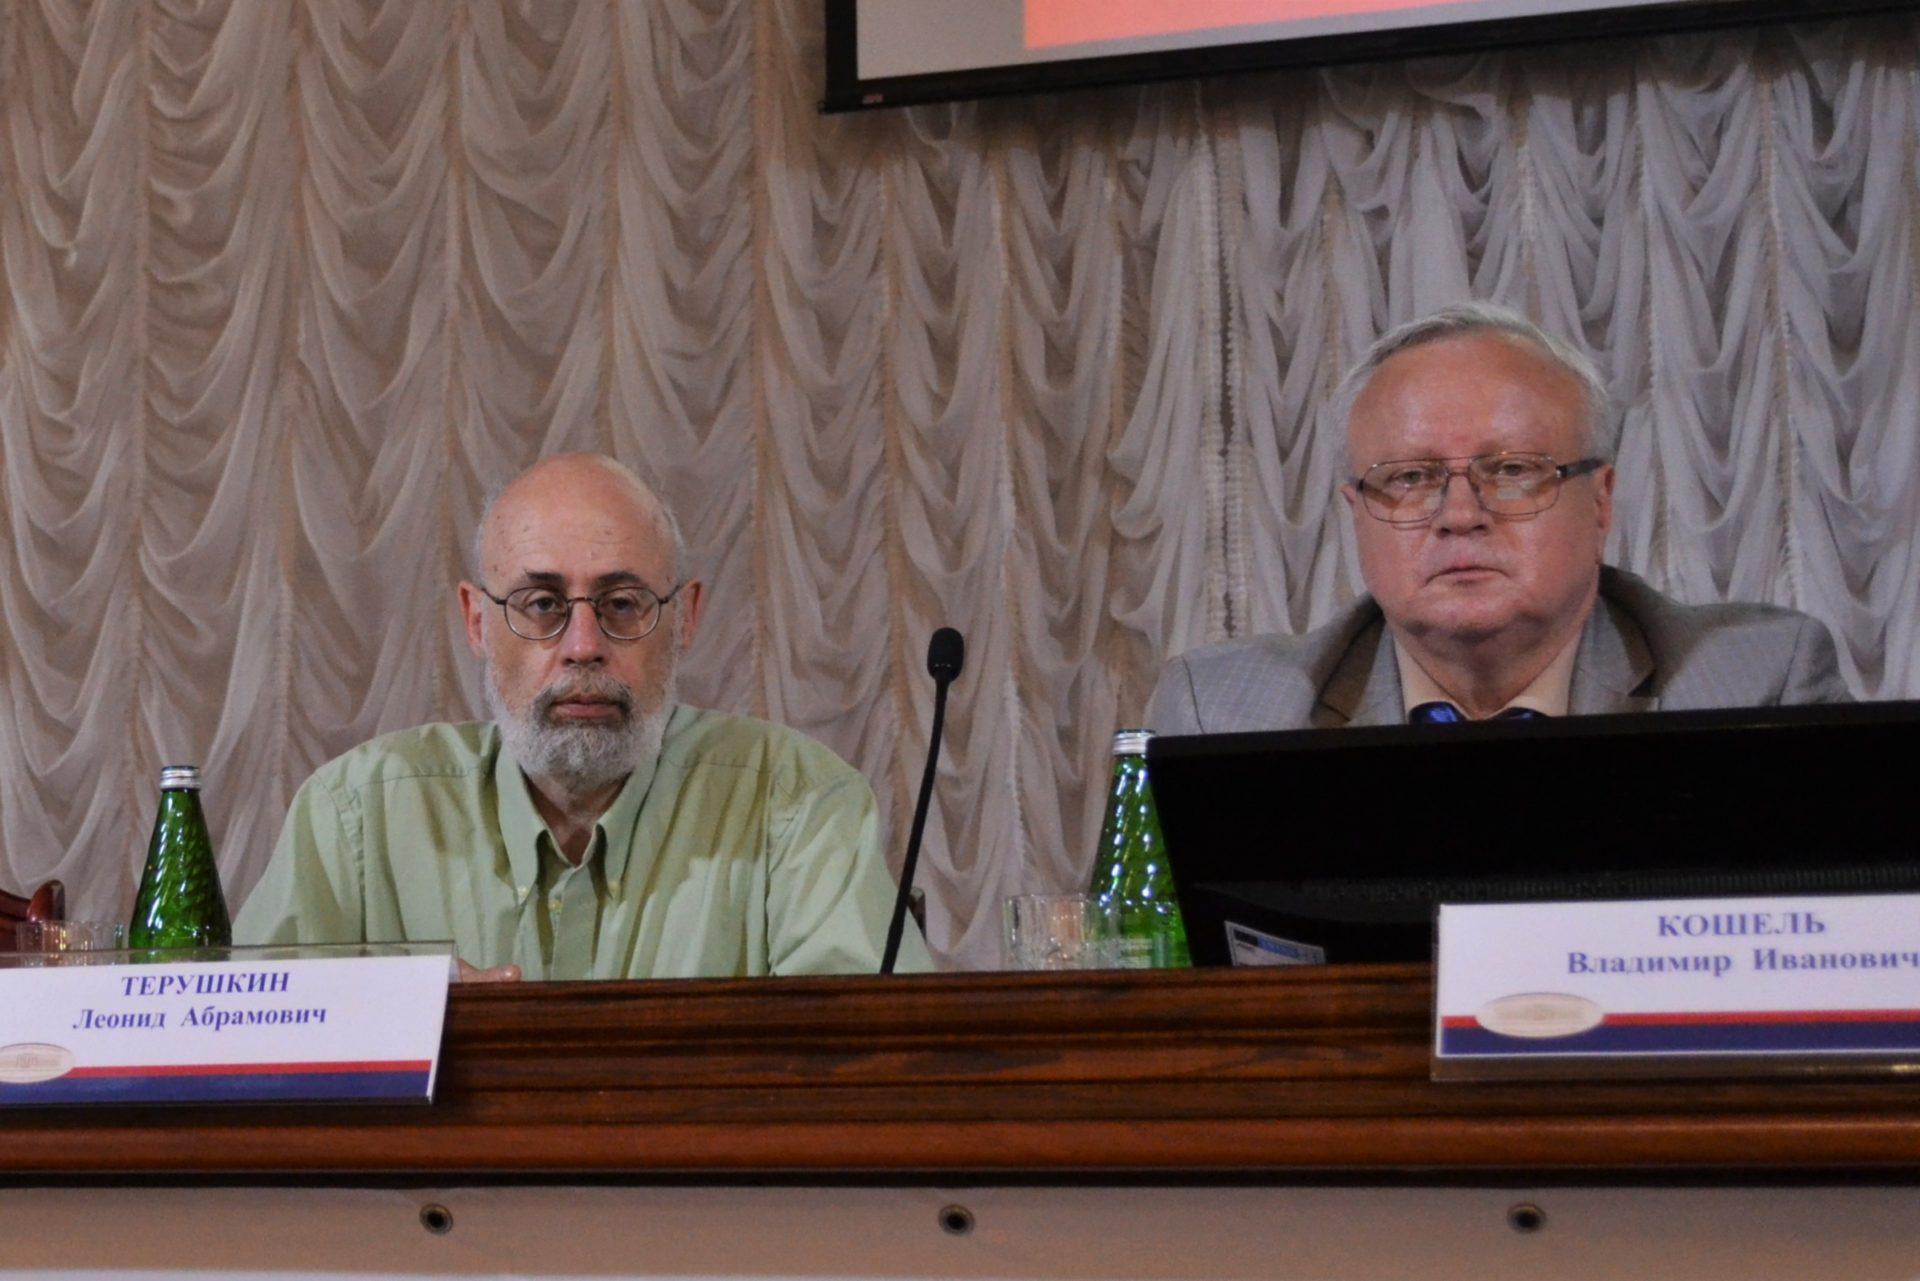 Конференция в Ставропольском медицинском университете